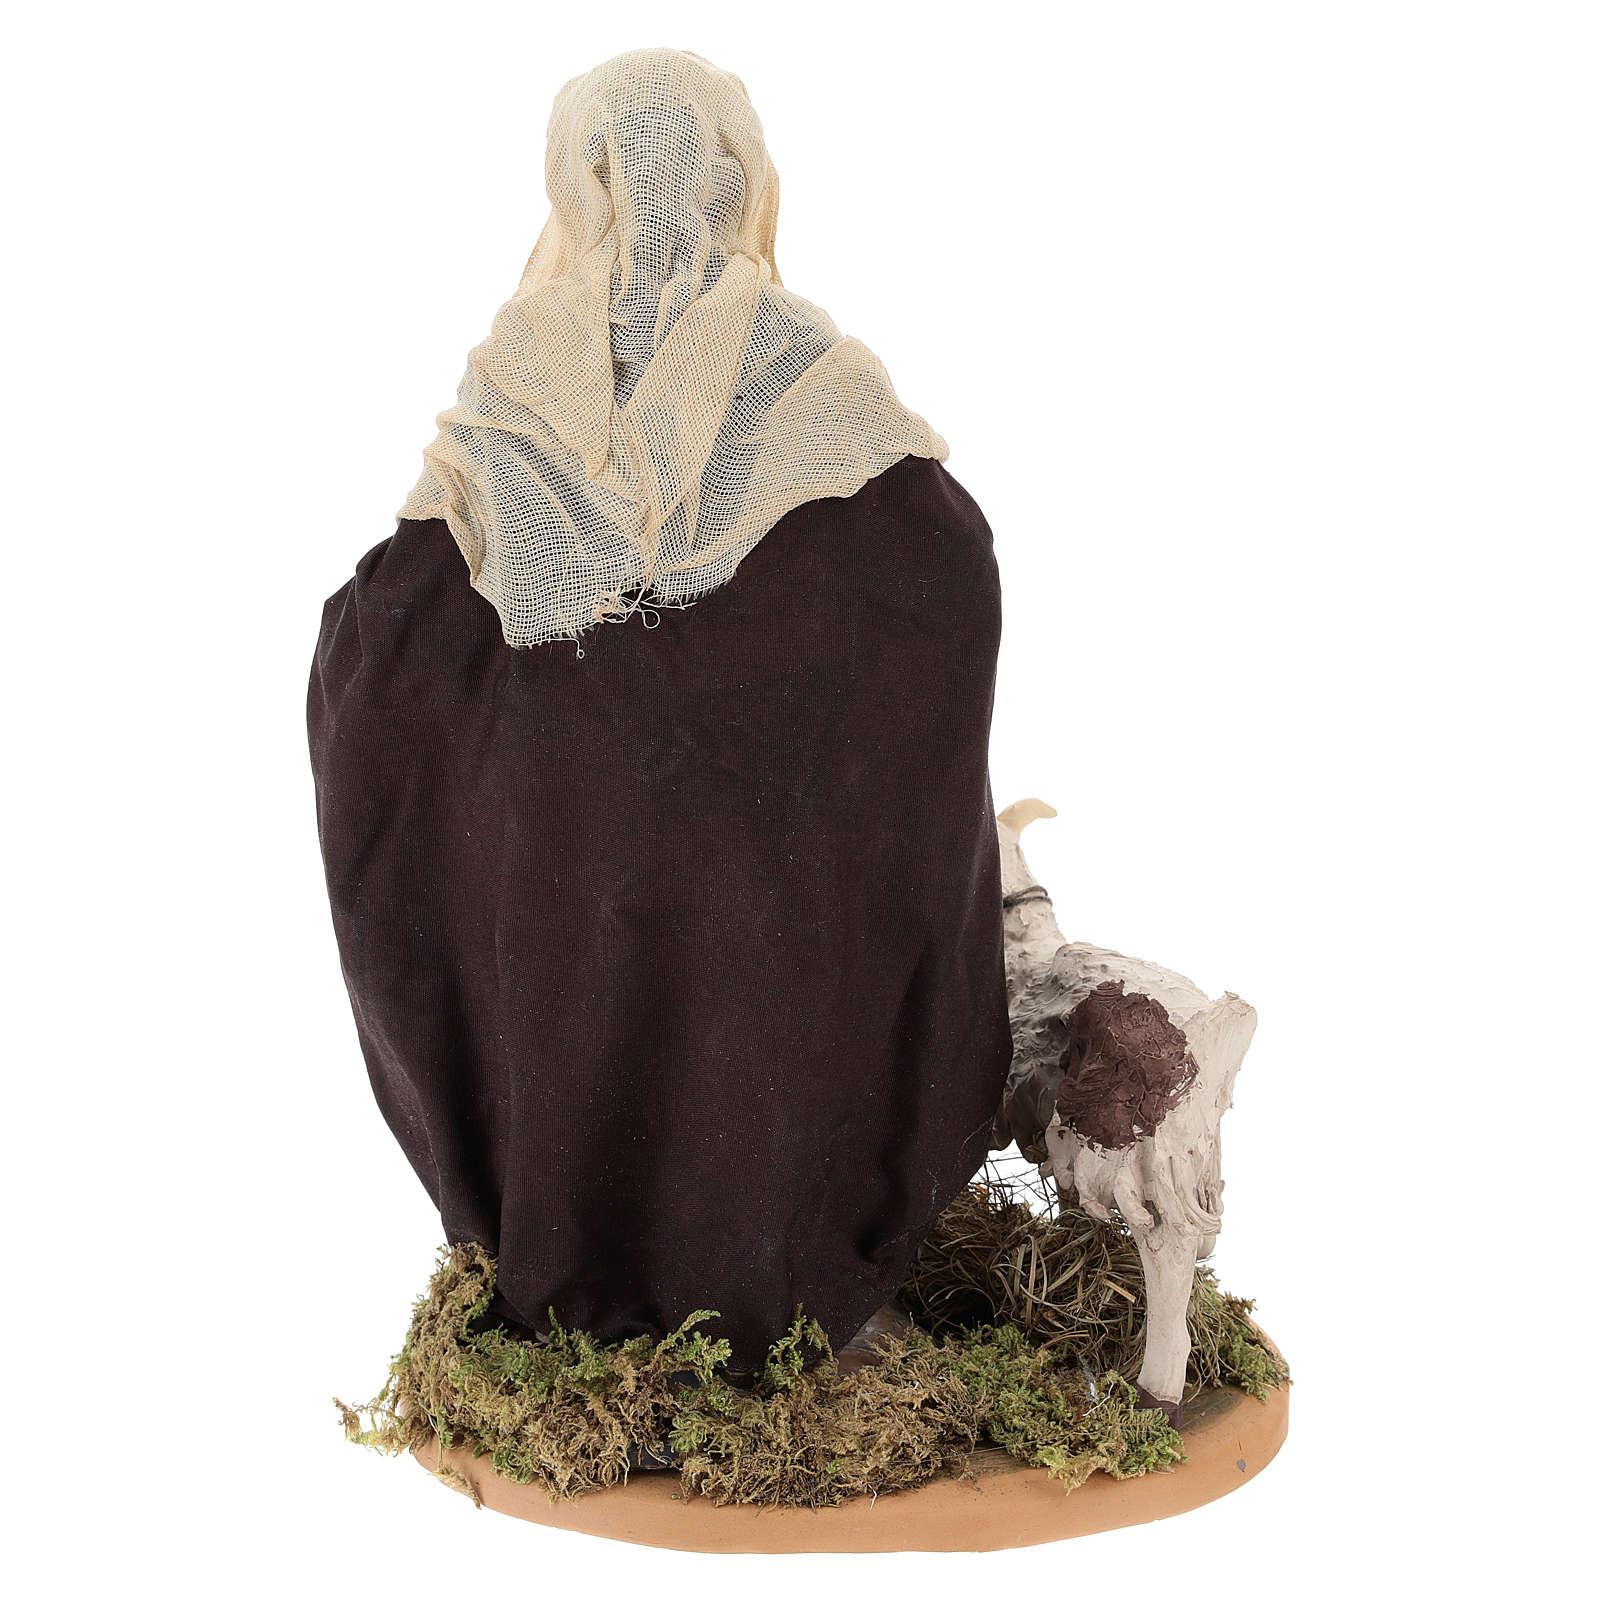 Pastore con capretta al guinzaglio 24 cm presepe Napoli 4